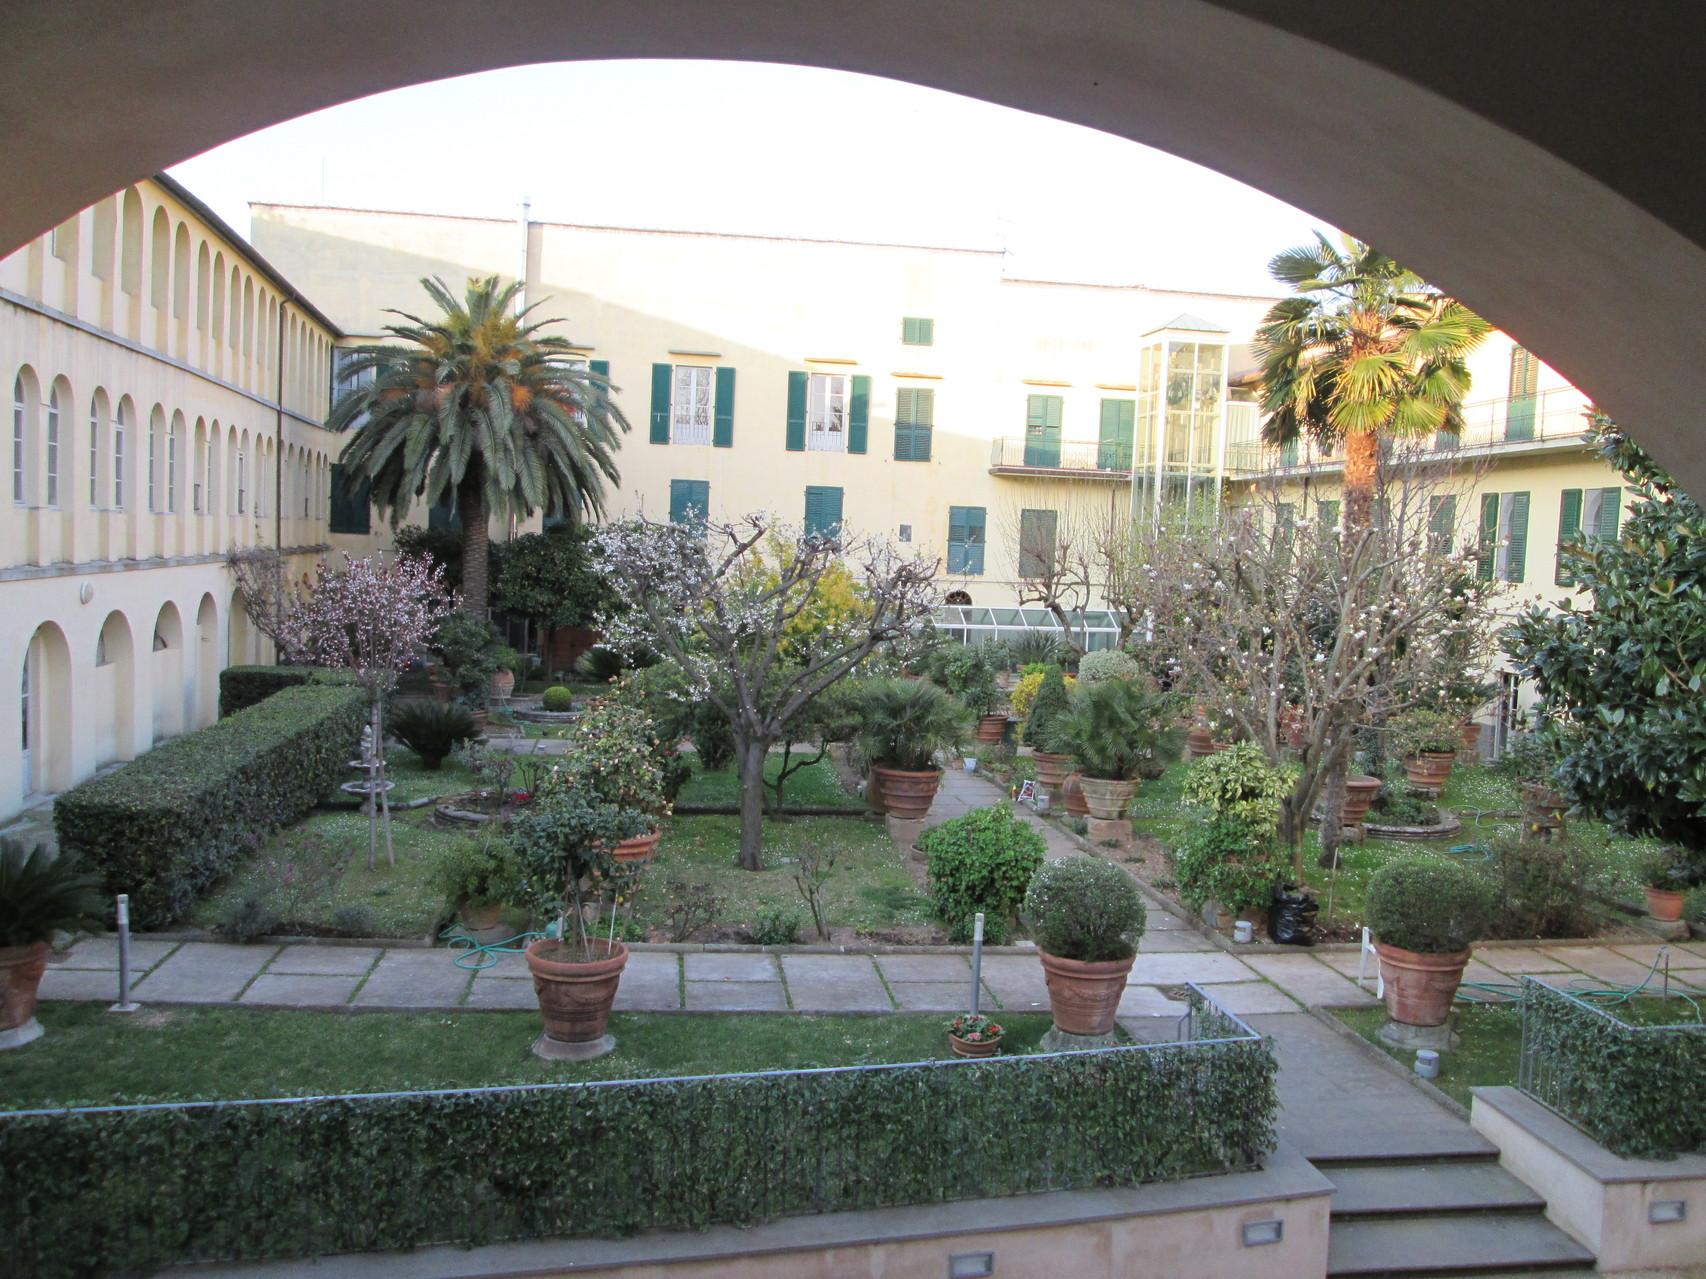 Casa Generalizia - Pisa, Toscana